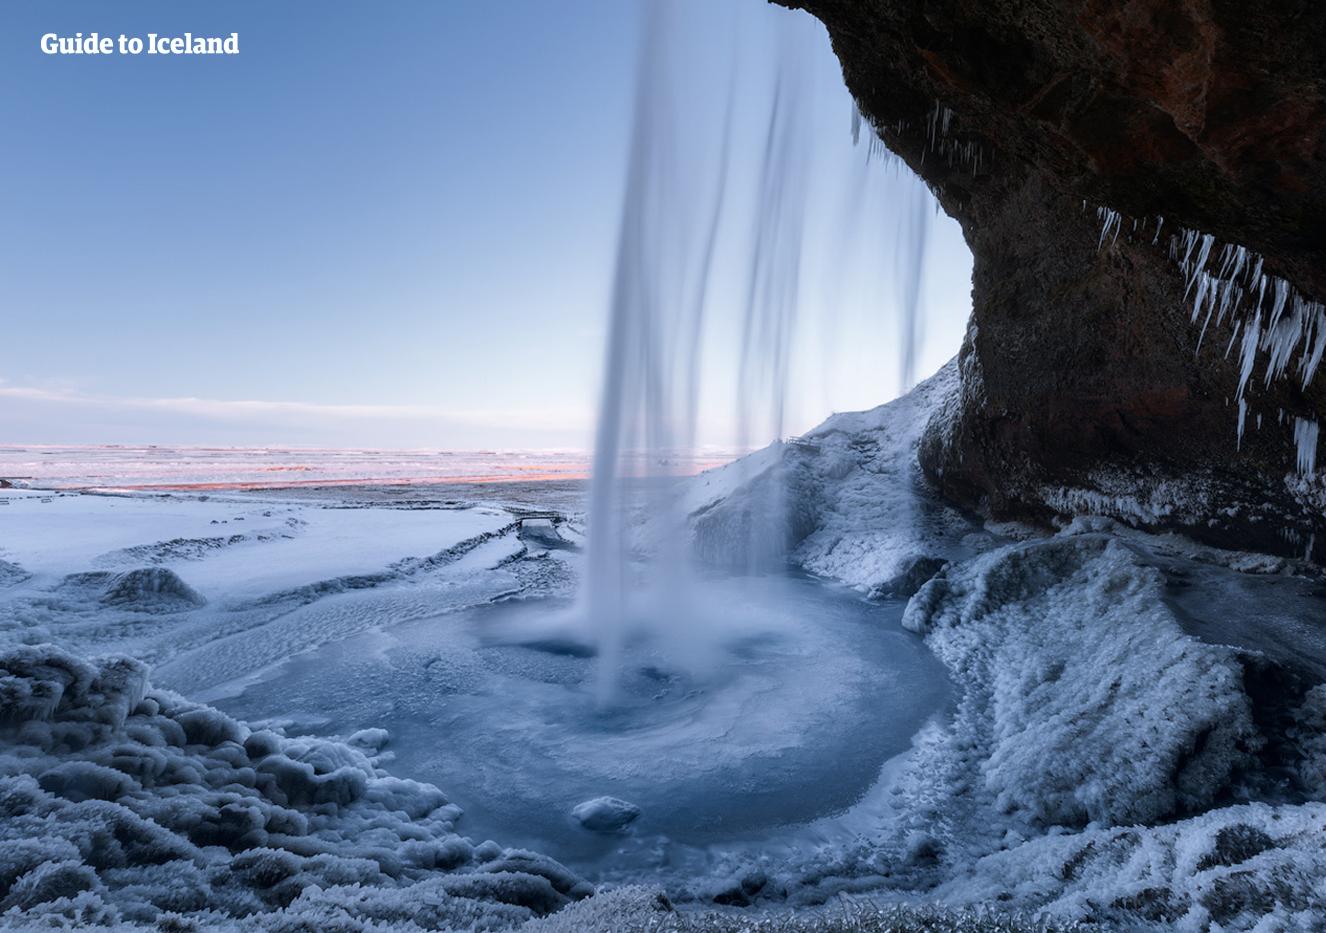 6-дневный зимний автотур   Йокульсарлон, ледниковая пещера и Бриллиантовый пляж - day 3